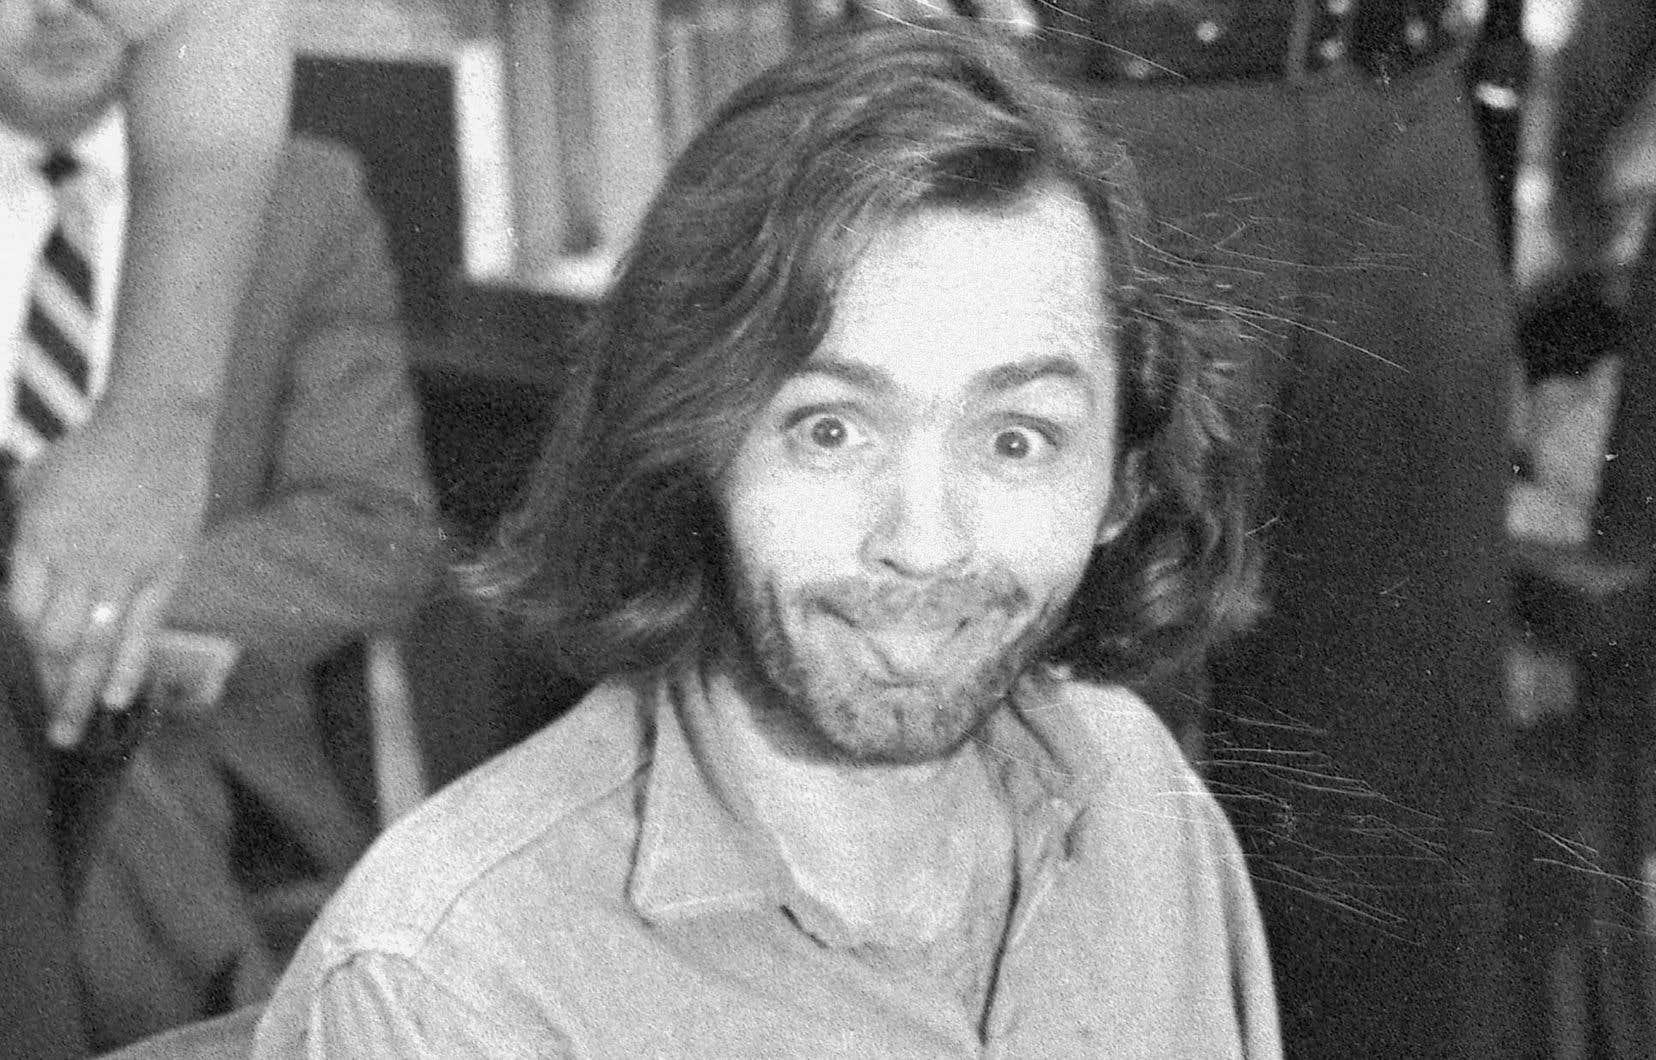 Charles Manson lors de son procès pour le meurtre de George Hinman en 1970 à Santa Monica